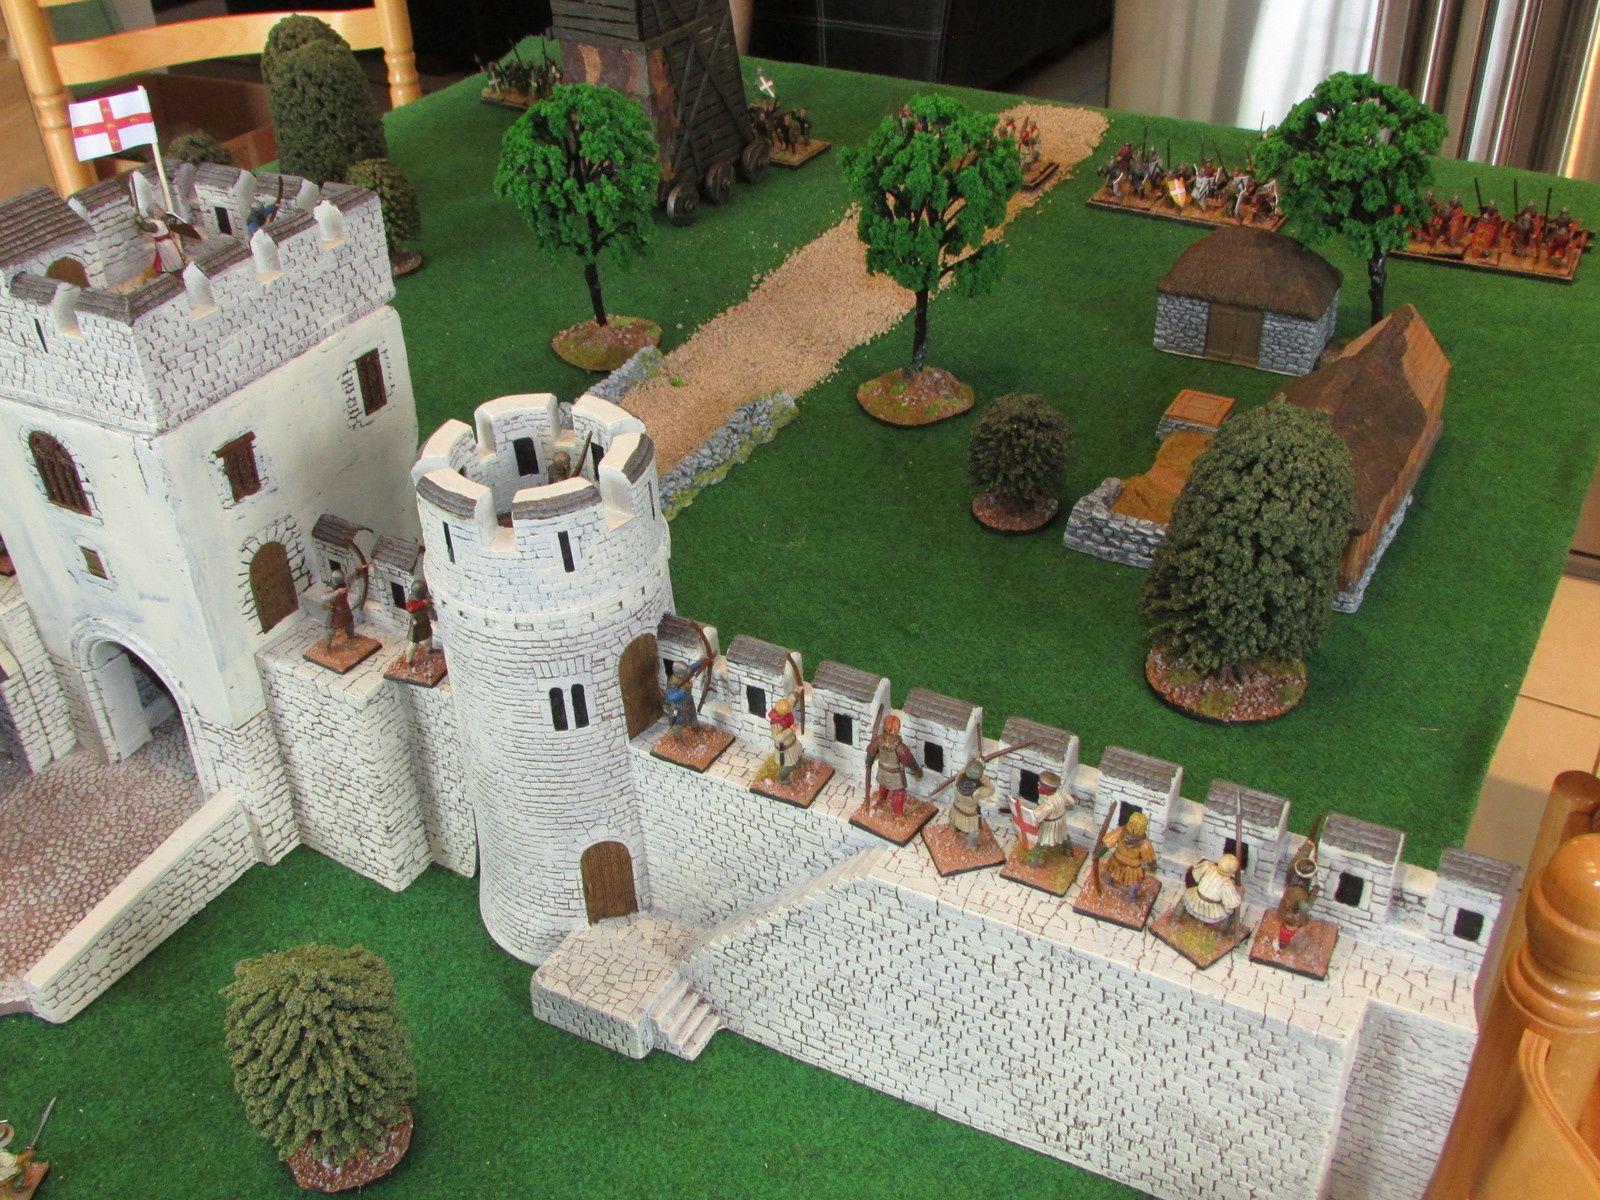 Les habitants des alentours ont déserté les environs, le Comte de York quand à lui prend place dans sa forteresse et prépare l'acceuil des visiteurs...